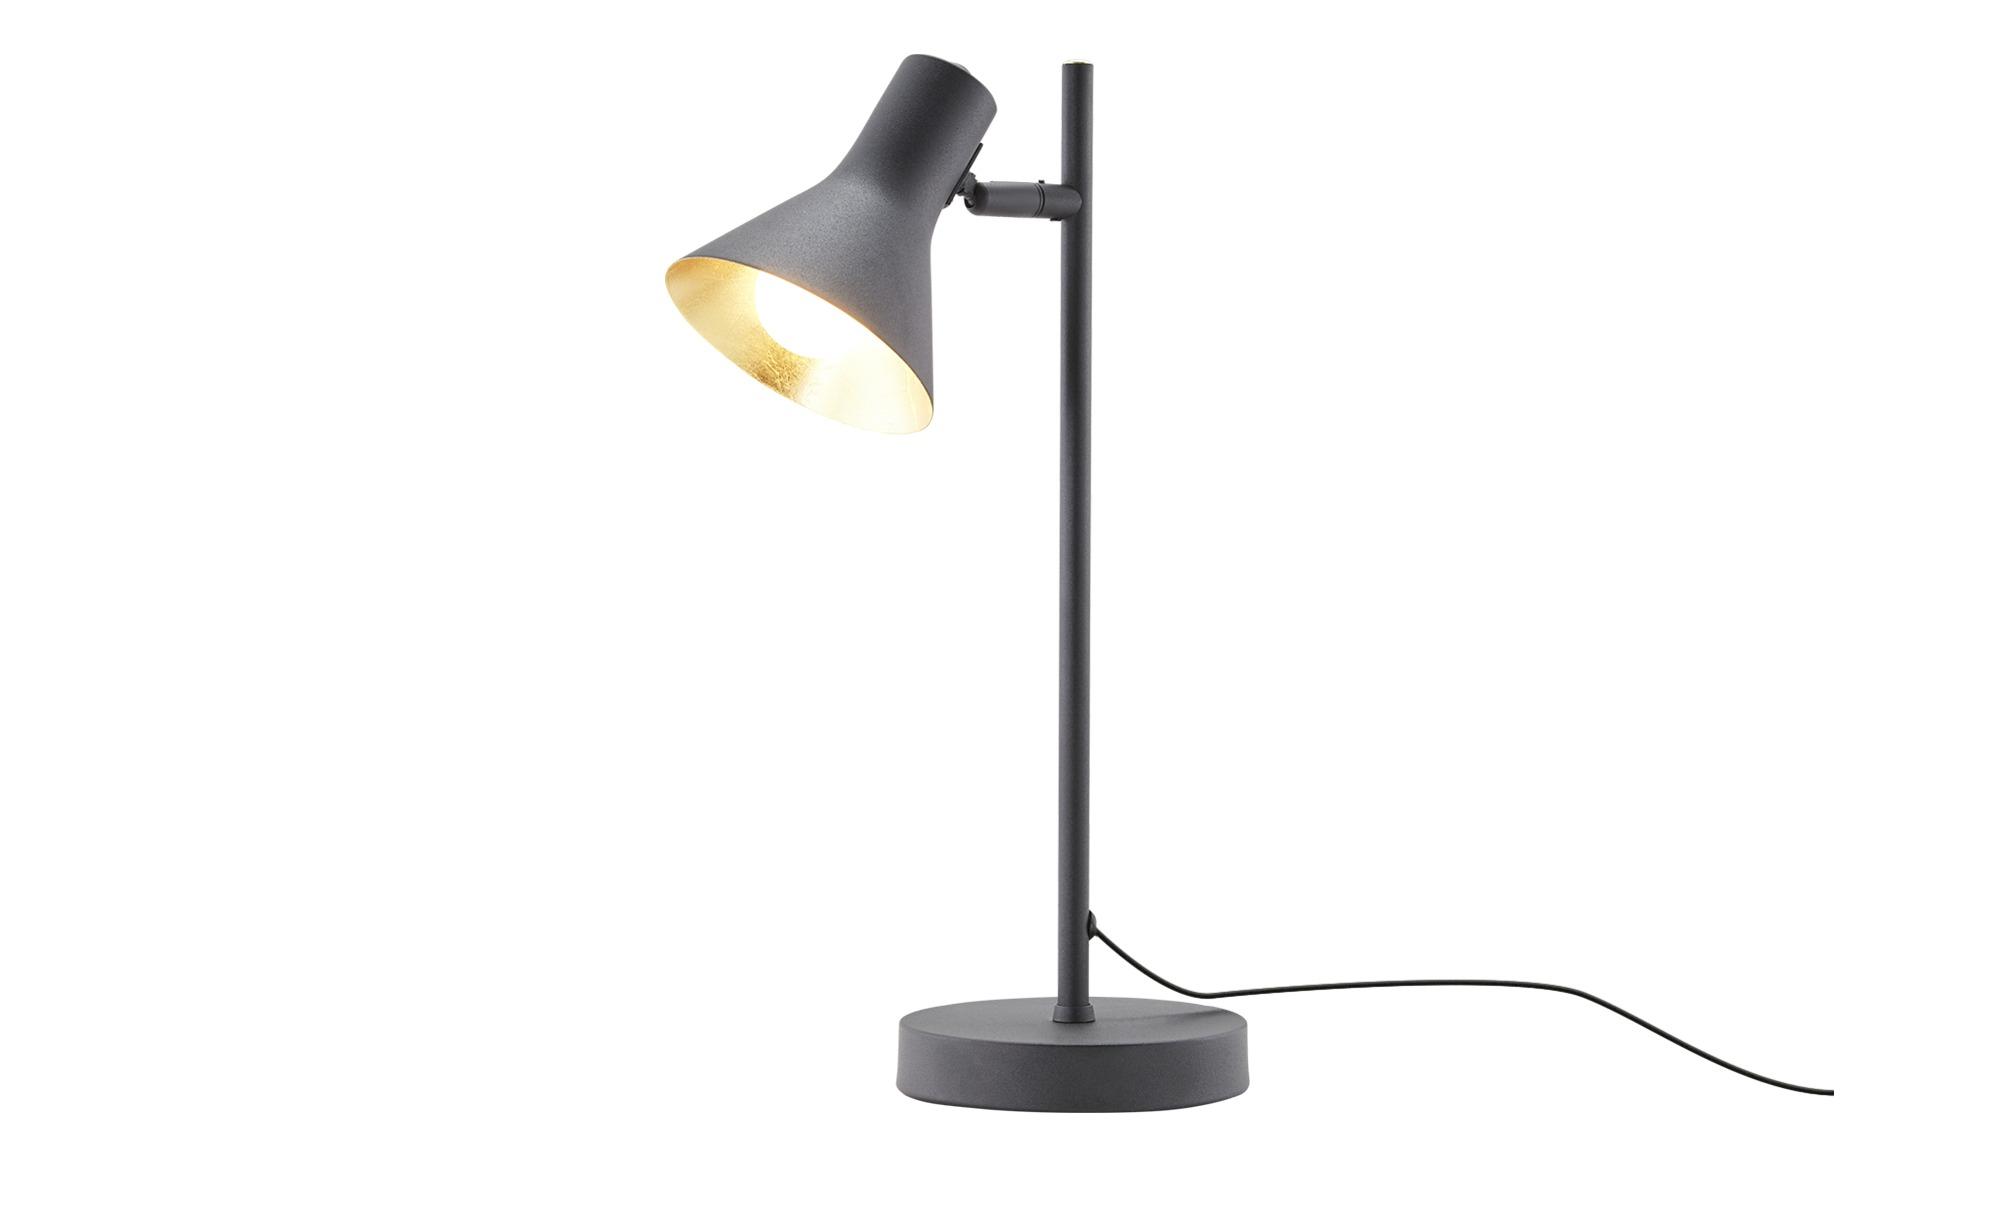 Trio Tischleuchte, 1-flammig ¦ schwarz ¦ Maße (cm): H: 39 Ø: [13.0] Lampen & Leuchten > Innenleuchten > Tischlampen - Höffner